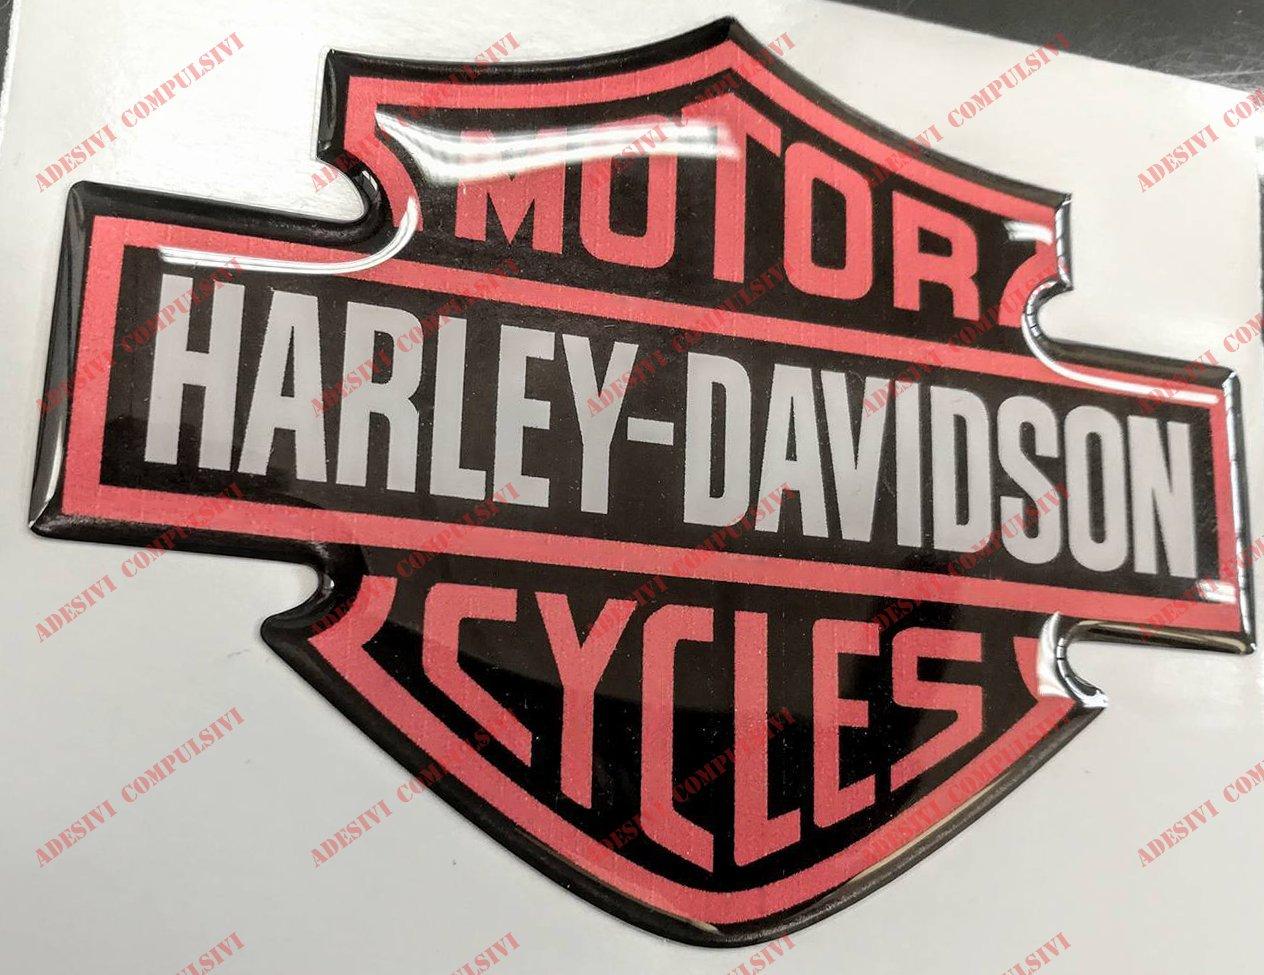 Orange Pour r/éservoir ou casque. D/ôme autocollant logo classique Harley Davidson effet 3D